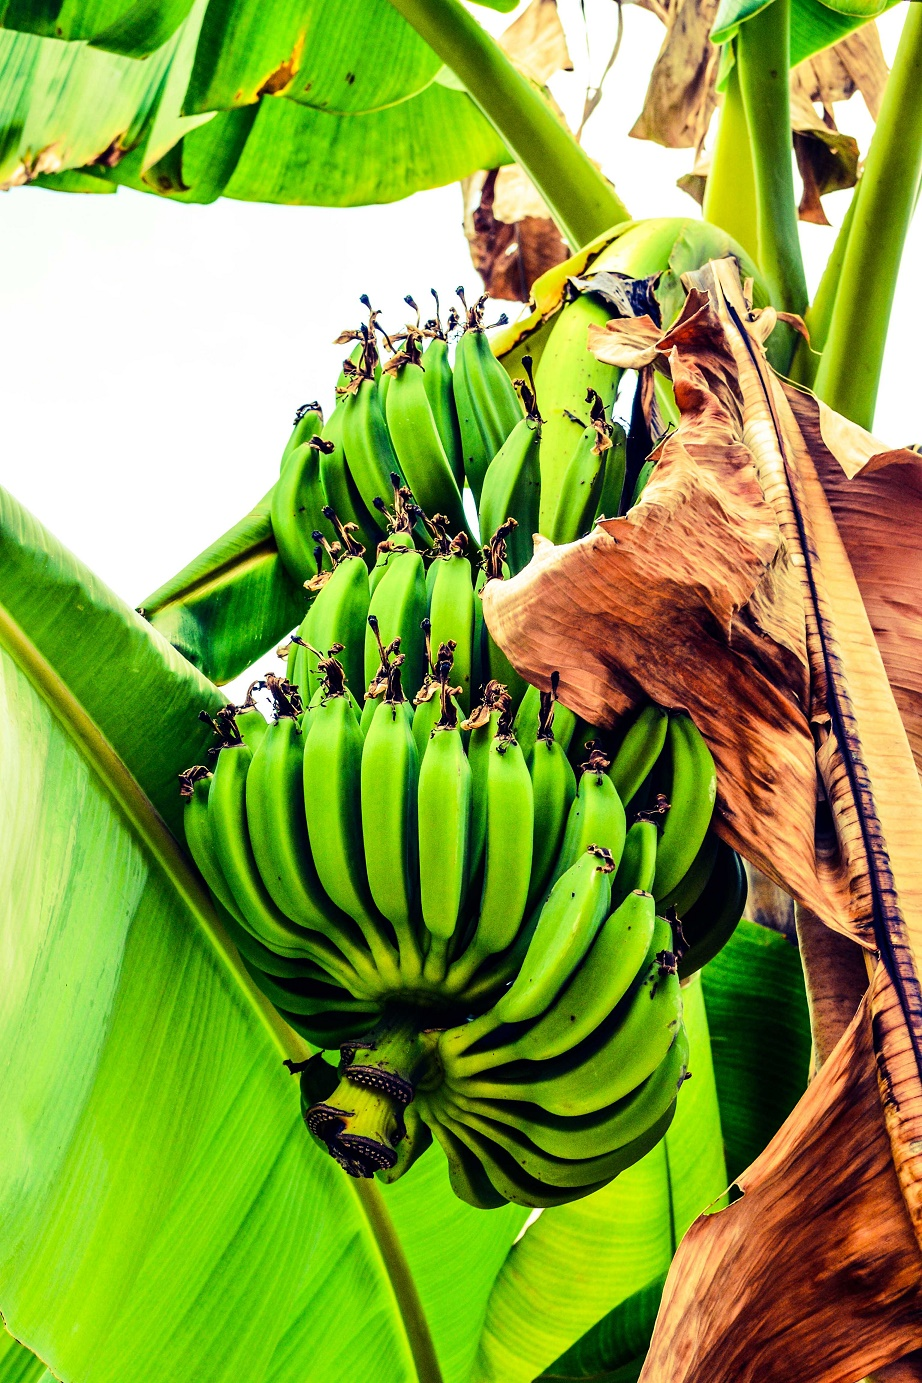 Banany. Maledivy